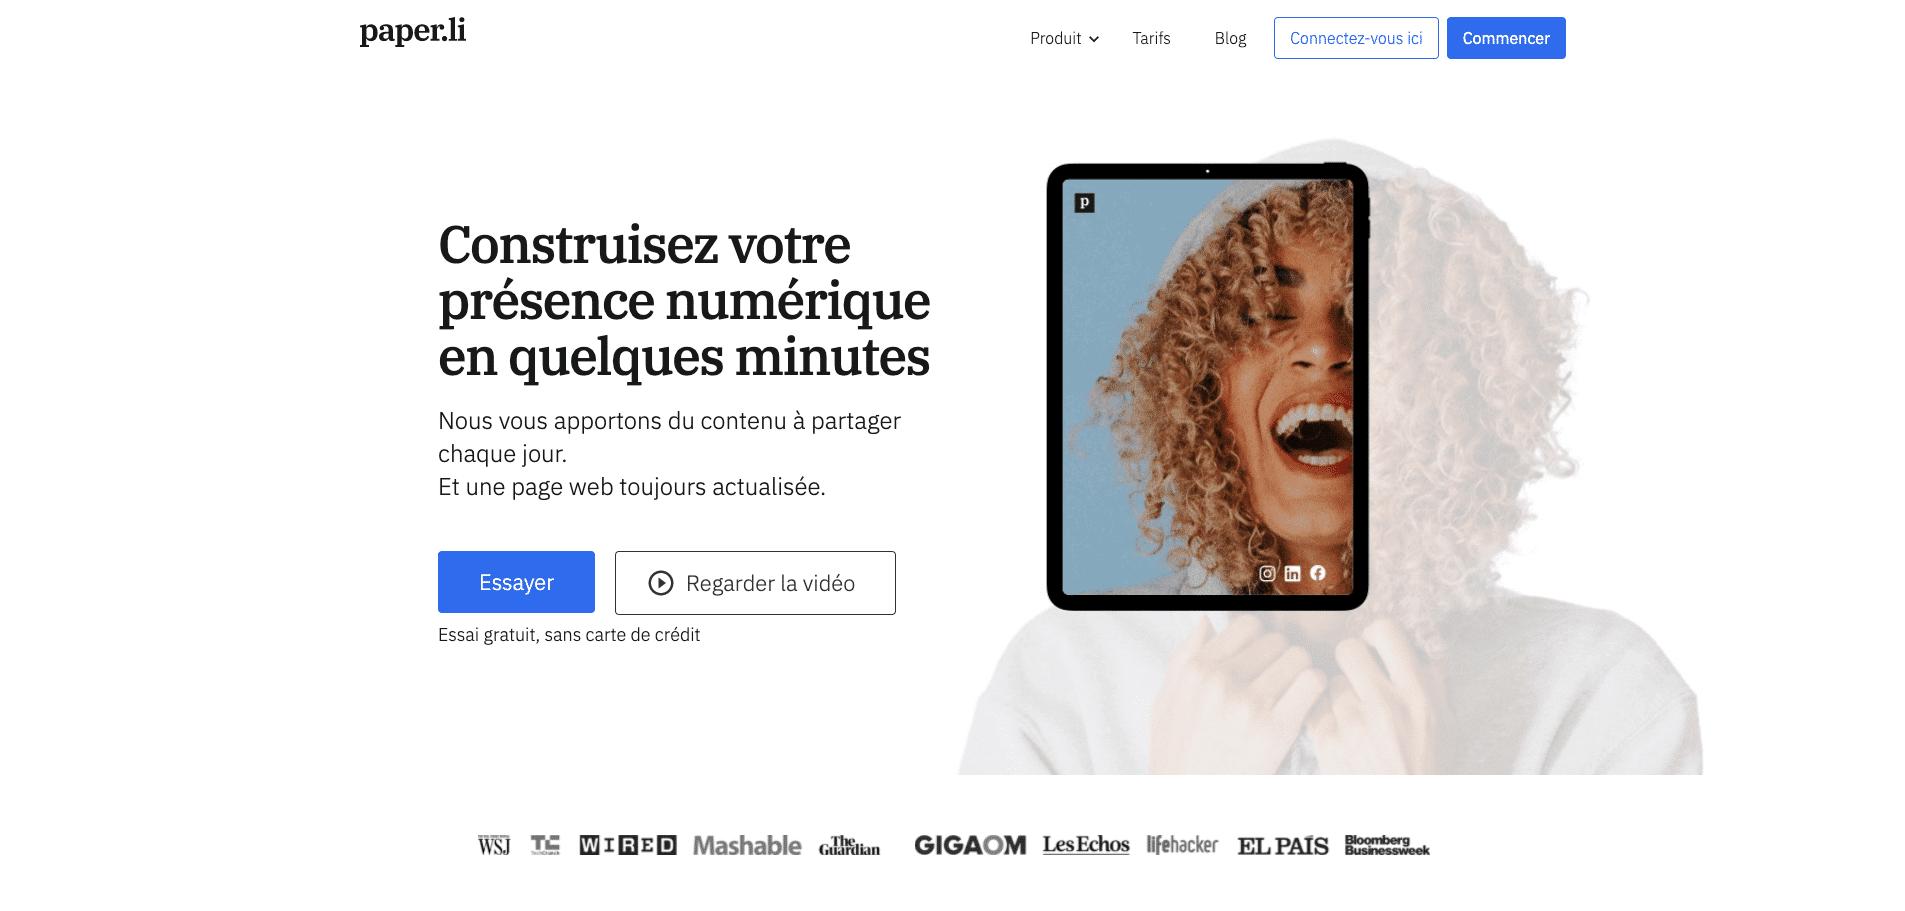 page d'accueil du site web de l'outil de curation Paper.li